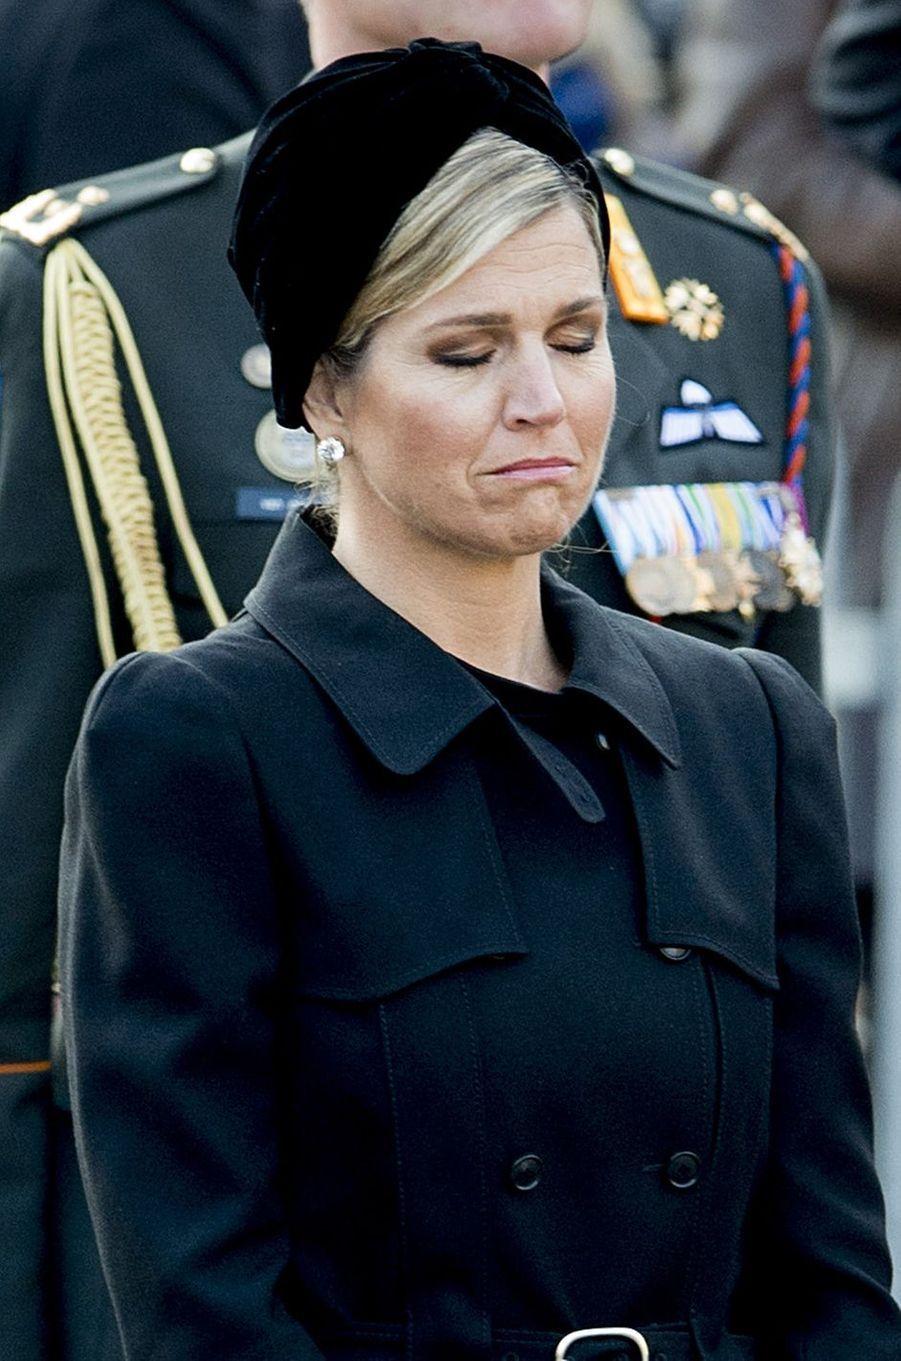 La reine Maxima des Pays-Bas à Amsterdam, le 4 mai 2016